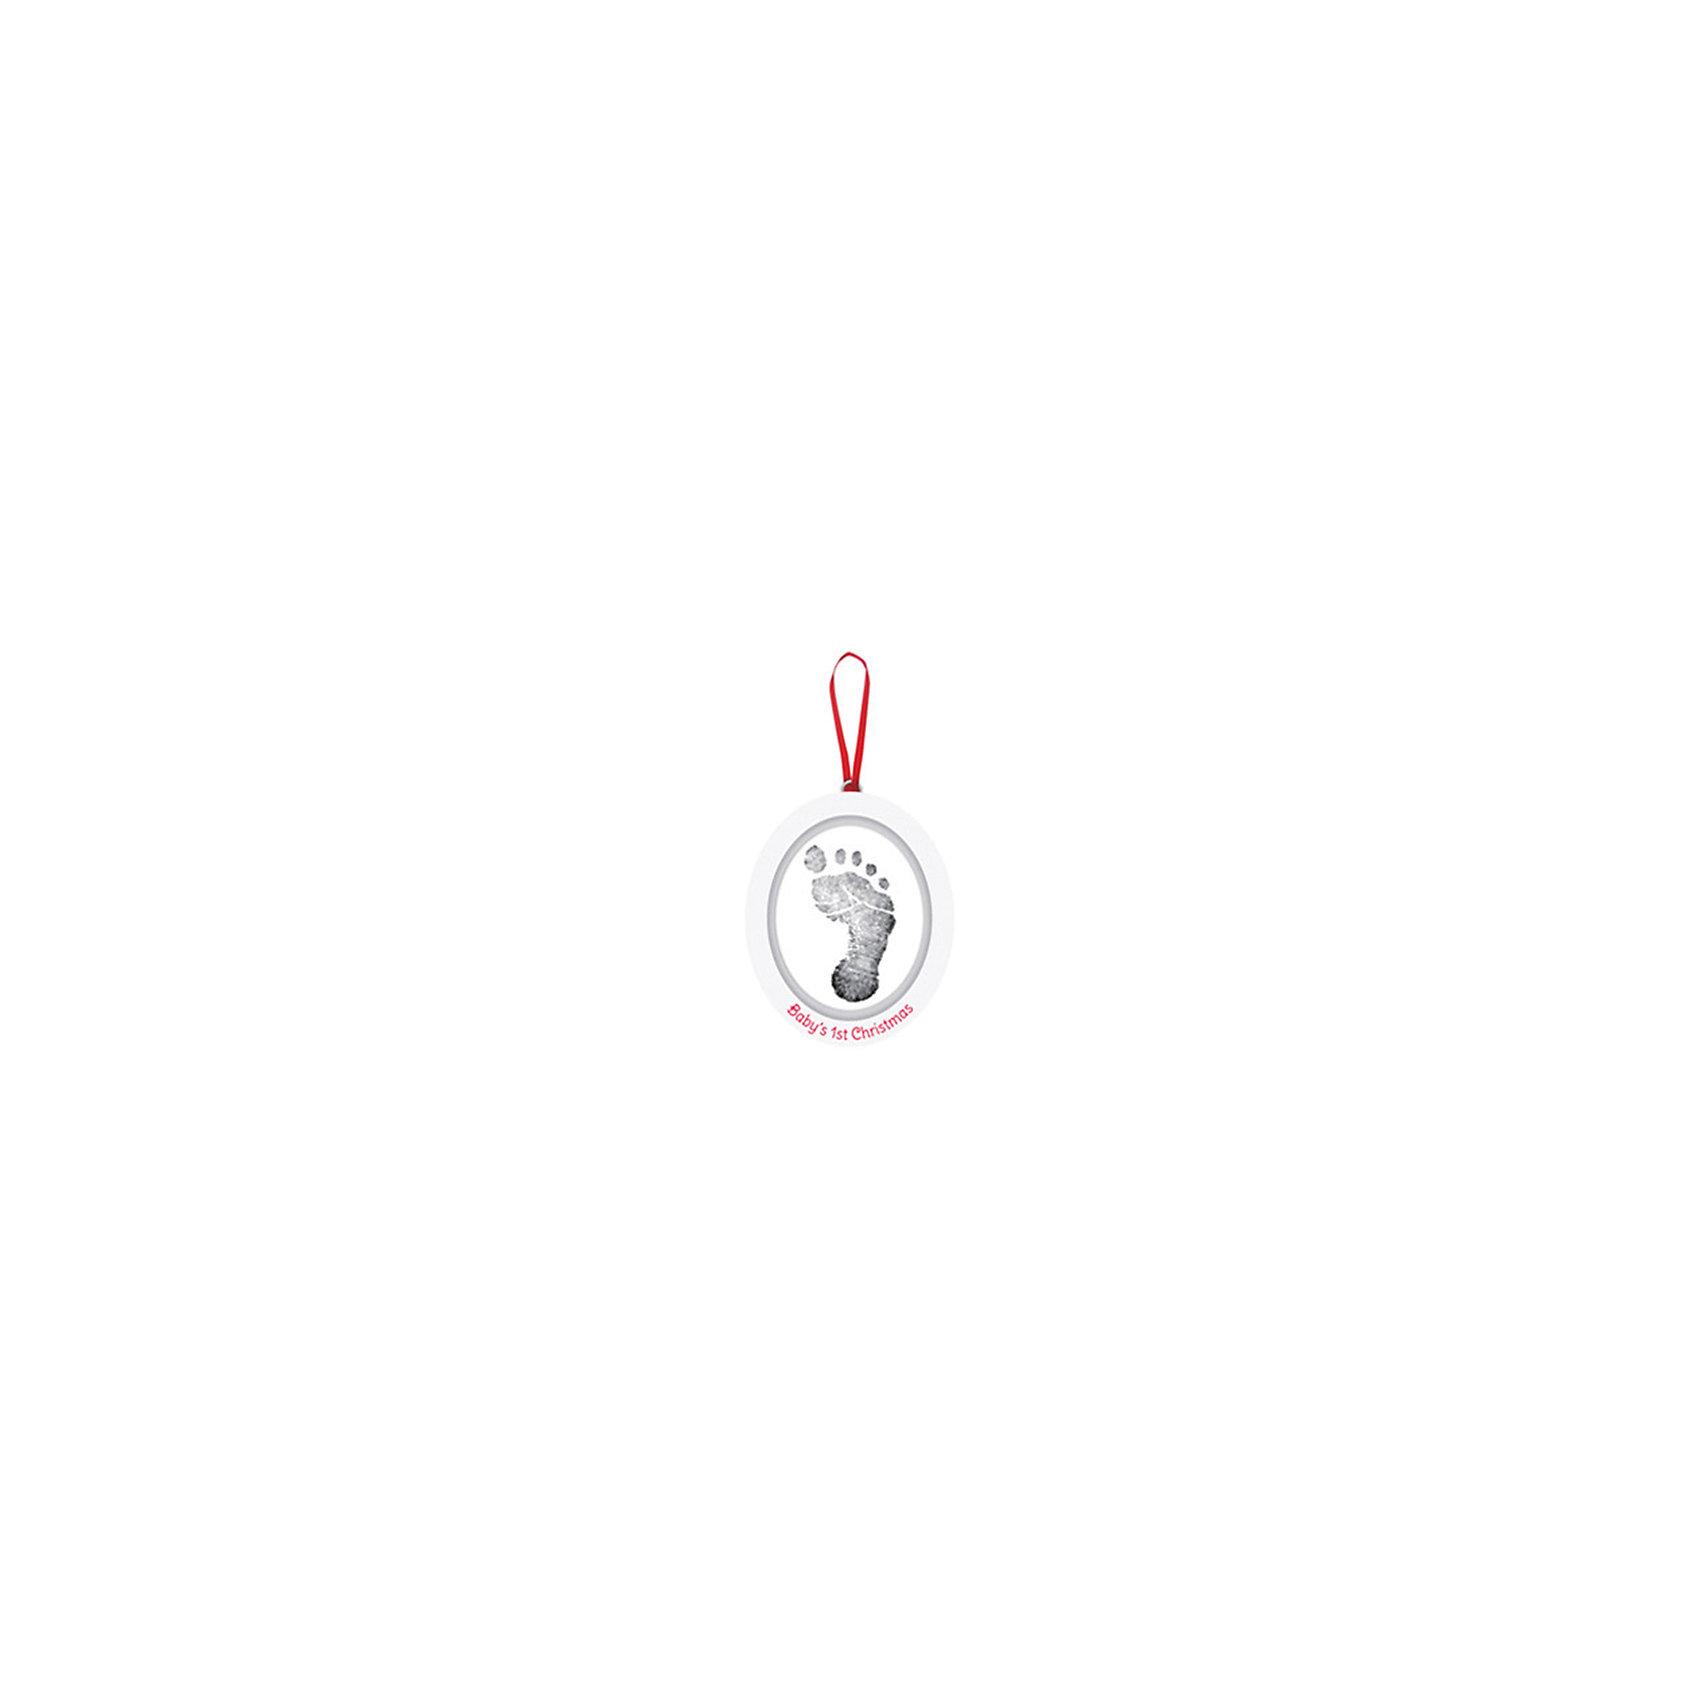 Подарок на ленточке Пяточка-Ладошка (Отпечаток) Отпечаток+Фото, PearheadПредметы интерьера<br>Характеристики:<br><br>• Пол: универсальный<br>• Тематика рисунка: без рисунка<br>• Цвет: белый, красный<br>• Материал: чернила для оттиска, дерево, сатин<br>• Комплектация: материал для изготовления слепка, деревянный медальон, чернила, сатиновая лента, инструкция<br>• Форма медальона: овал<br>• Медальон двухсторонний<br>• Вес: 300 г <br>• Особенности ухода: допускается сухая чистка<br><br>Подарок на ленточке Пяточка-Ладошка (Отпечаток) Отпечаток+Фото, Pearhead от американского торгового бренда, который специализируется на создании подарочных наборов для новорожденных и их родителей. Инновационные технологии, которые используются при создании наборов для изготовления оттисков являются безопасными и не вызывают аллергии. <br><br>Разработанная специальным образом краска ровно наносится на руку и легко смывается. В набор входят необходимые материалы и инструменты для создания овального медальона. Размер медальона позволяет сделать слепок детской ручки или ножки. В комплекте предусмотрена красная сатиновая лента.<br><br>Подарок на ленточке Пяточка-Ладошка (Отпечаток) Отпечаток+Фото, Pearhead можно купить в нашем интернет-магазине.<br><br>Ширина мм: 30<br>Глубина мм: 100<br>Высота мм: 130<br>Вес г: 173<br>Возраст от месяцев: 0<br>Возраст до месяцев: 84<br>Пол: Унисекс<br>Возраст: Детский<br>SKU: 5482413